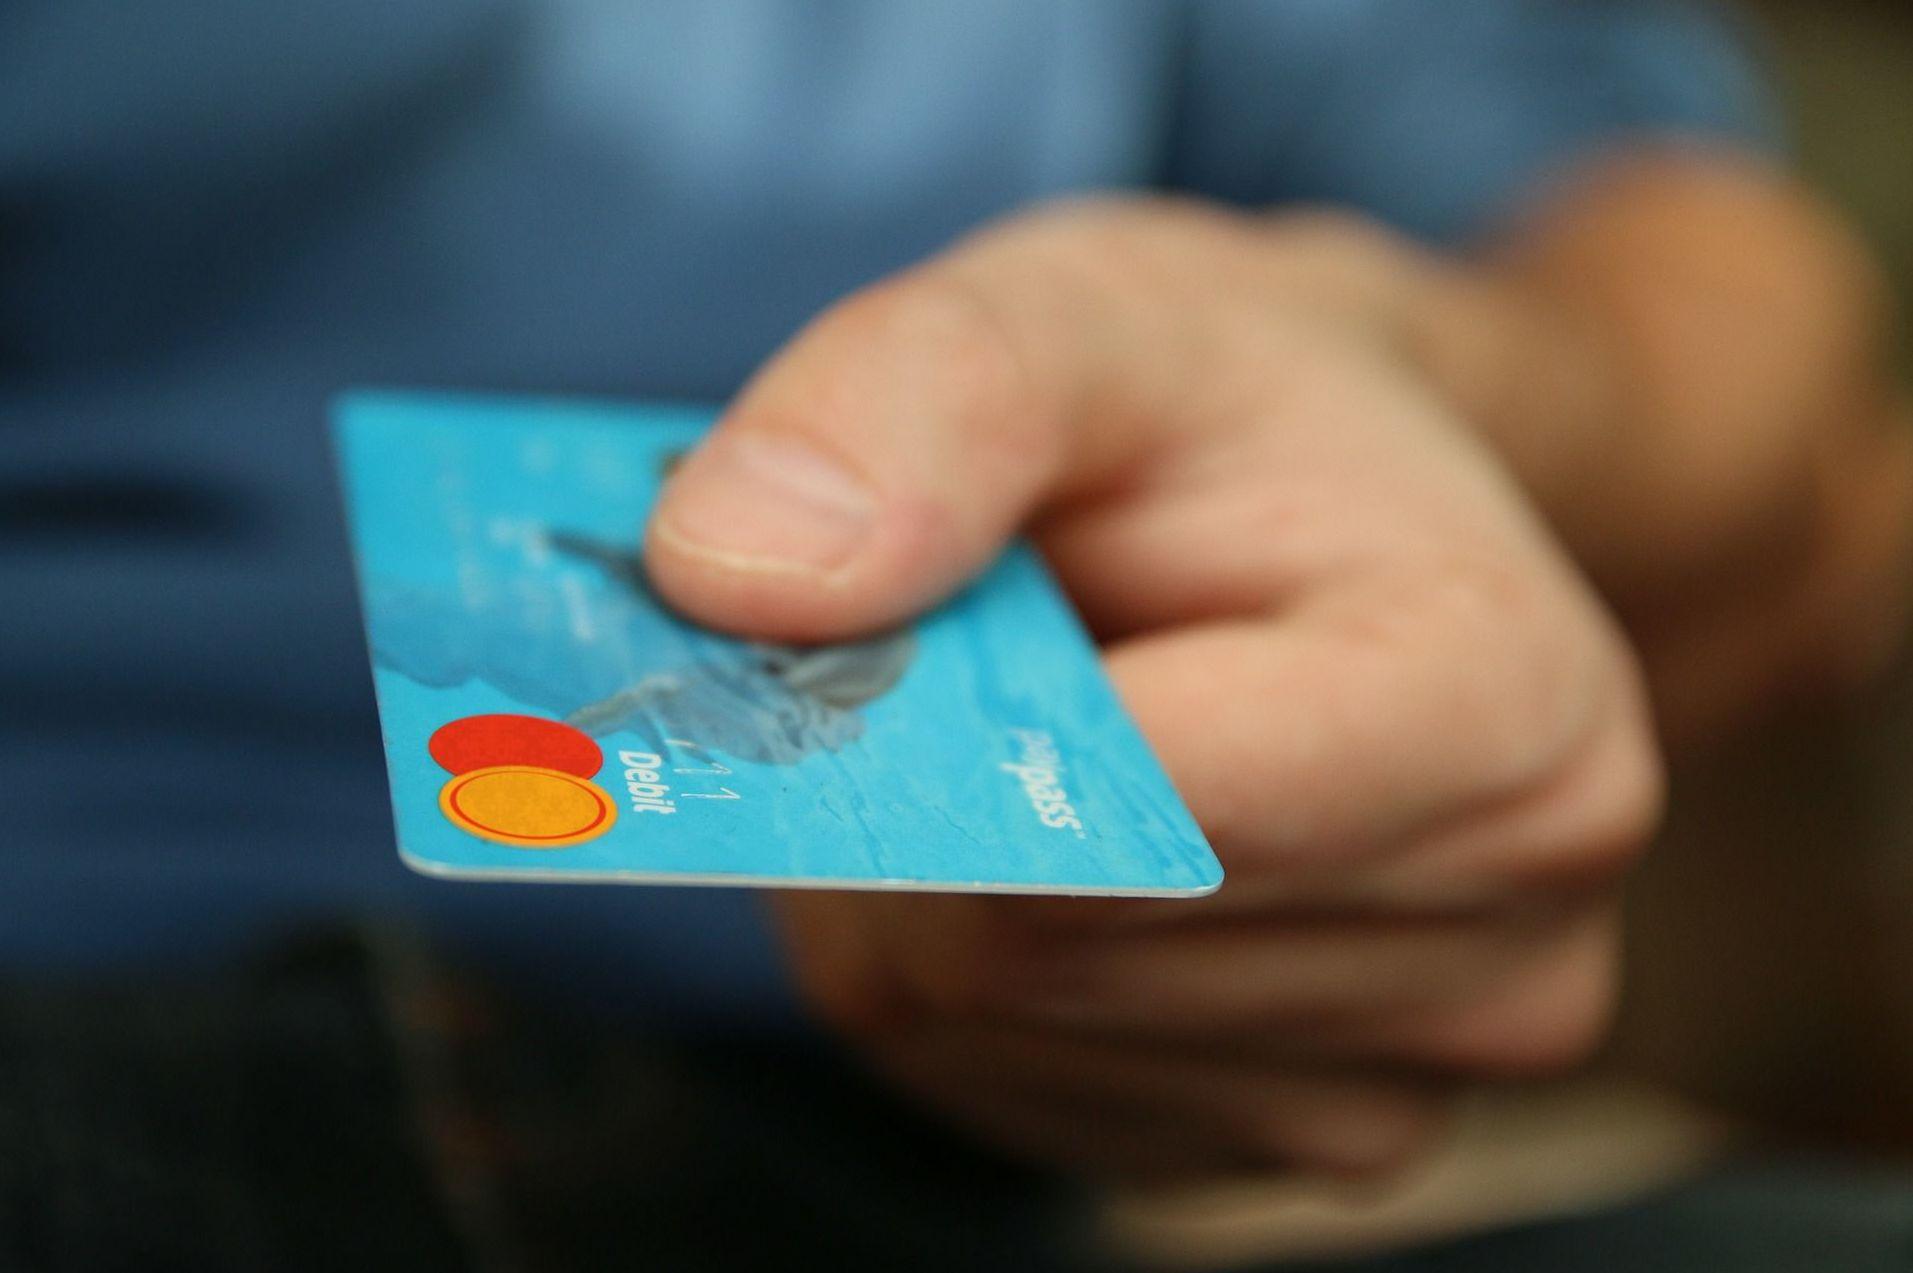 Tratamiento de adicción a compras compulsivas